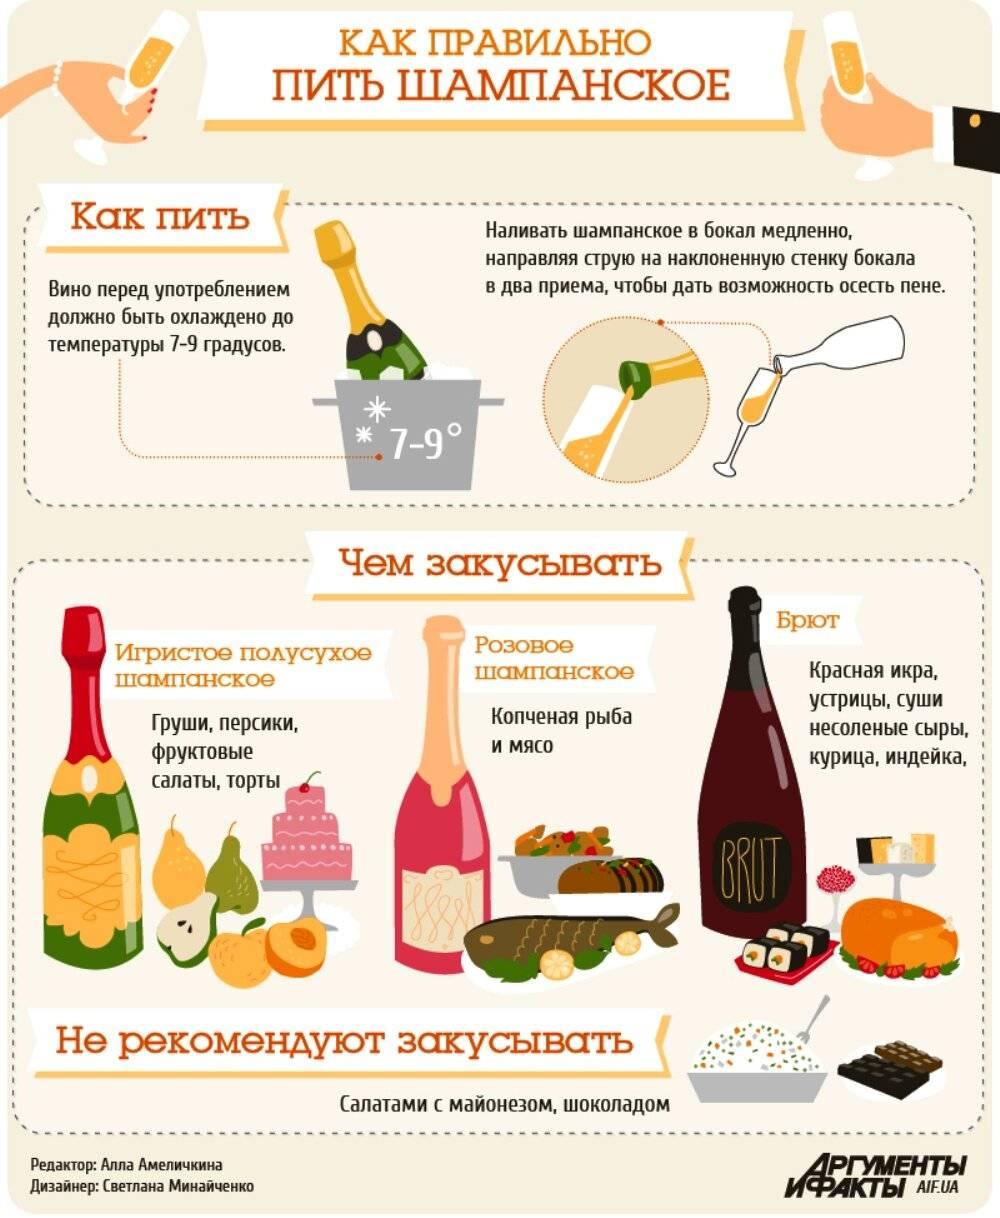 С чем и как пьют шампанское: правила и идеи